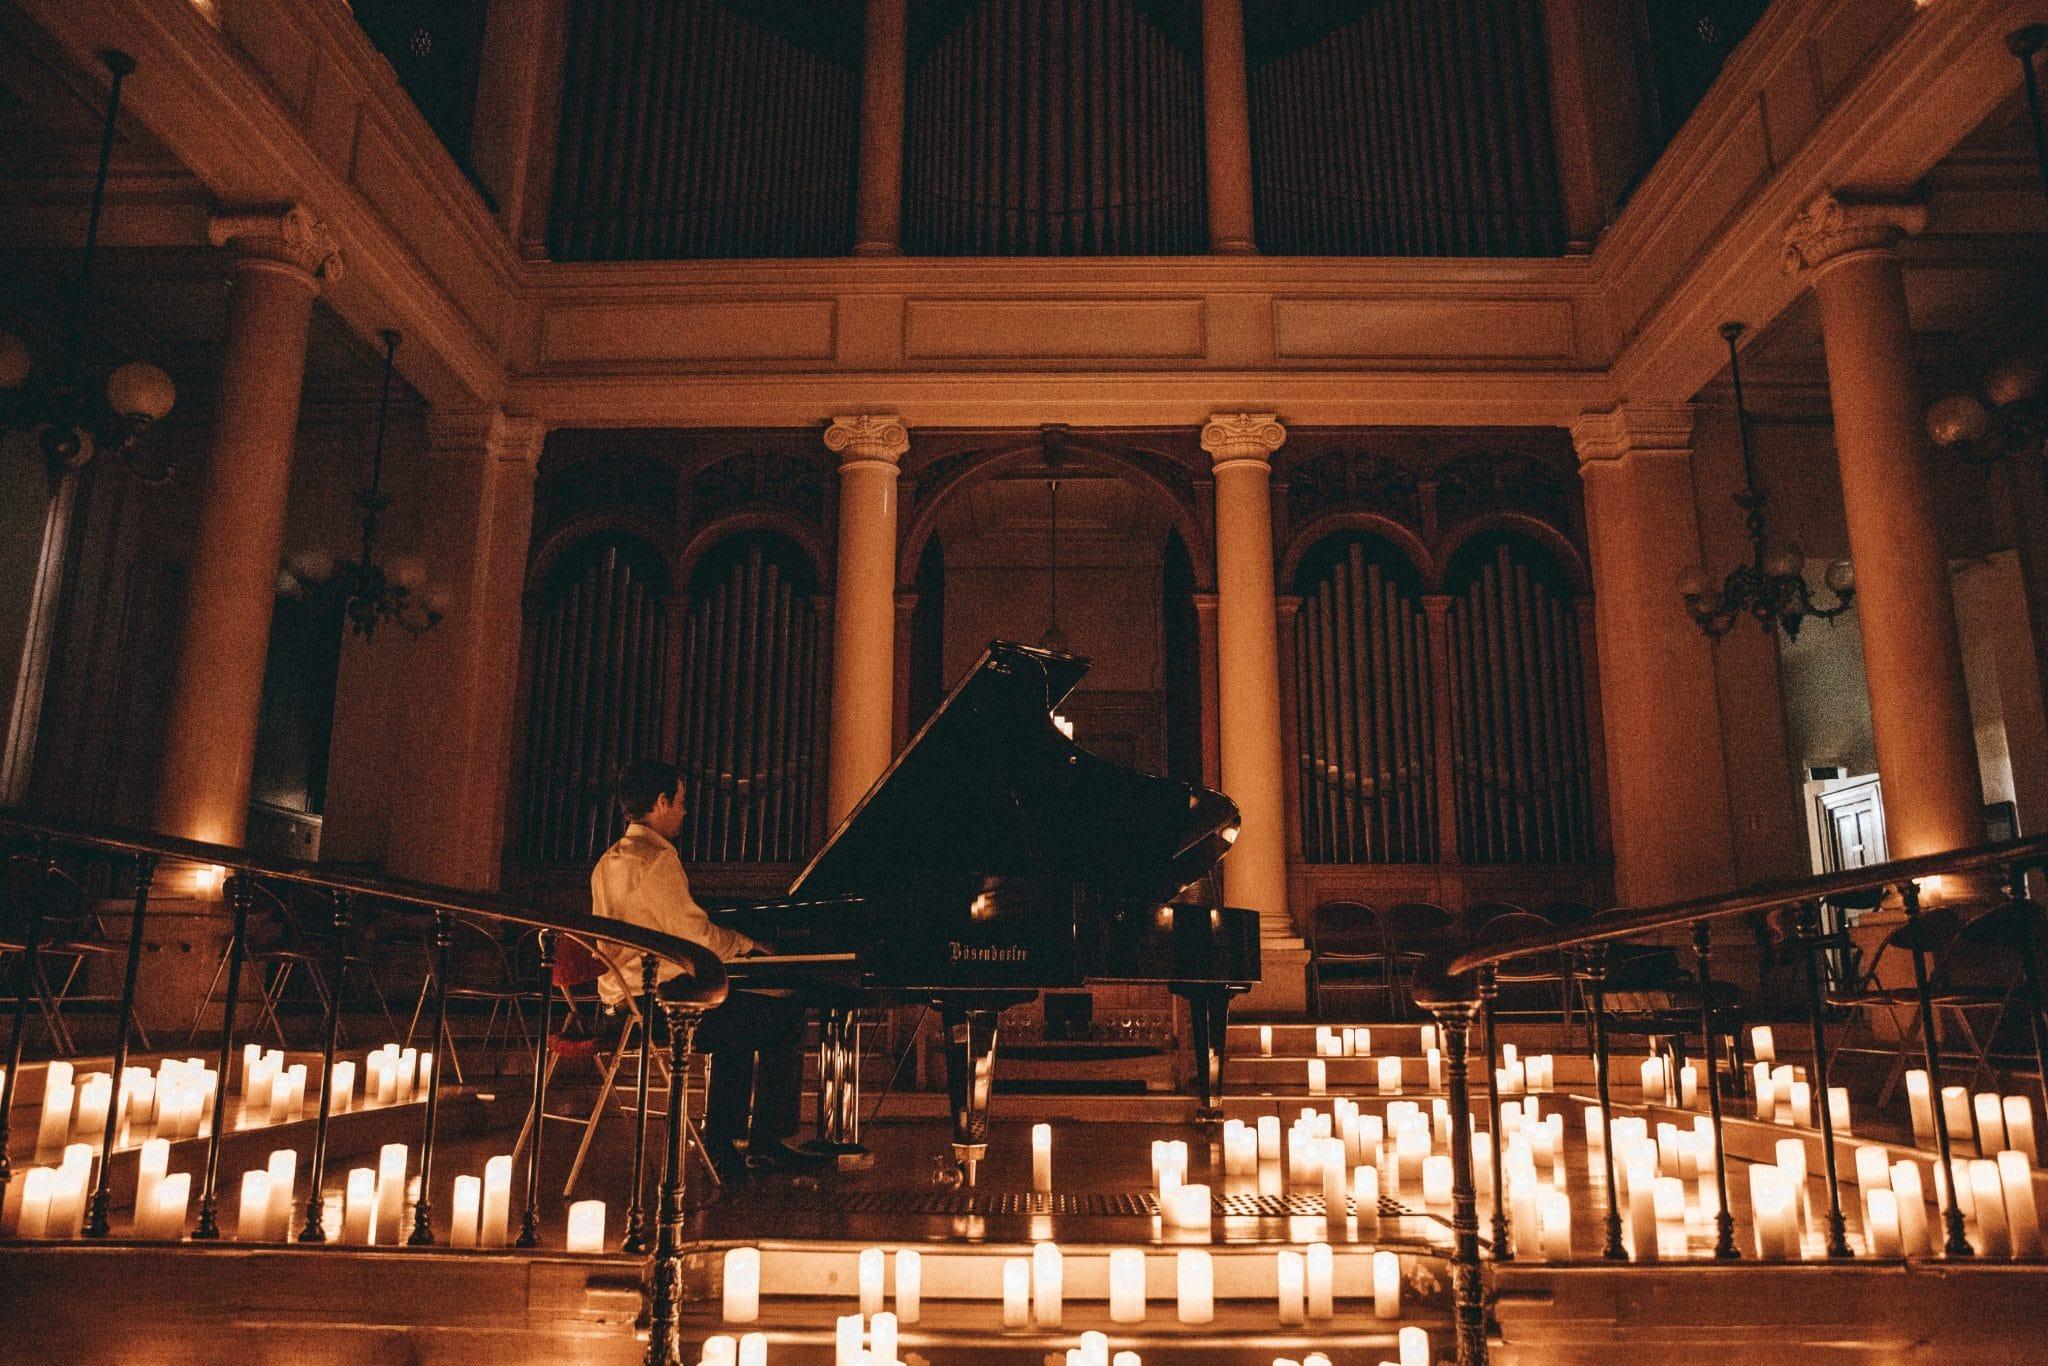 genève concert bougie candlelight musique classique piano